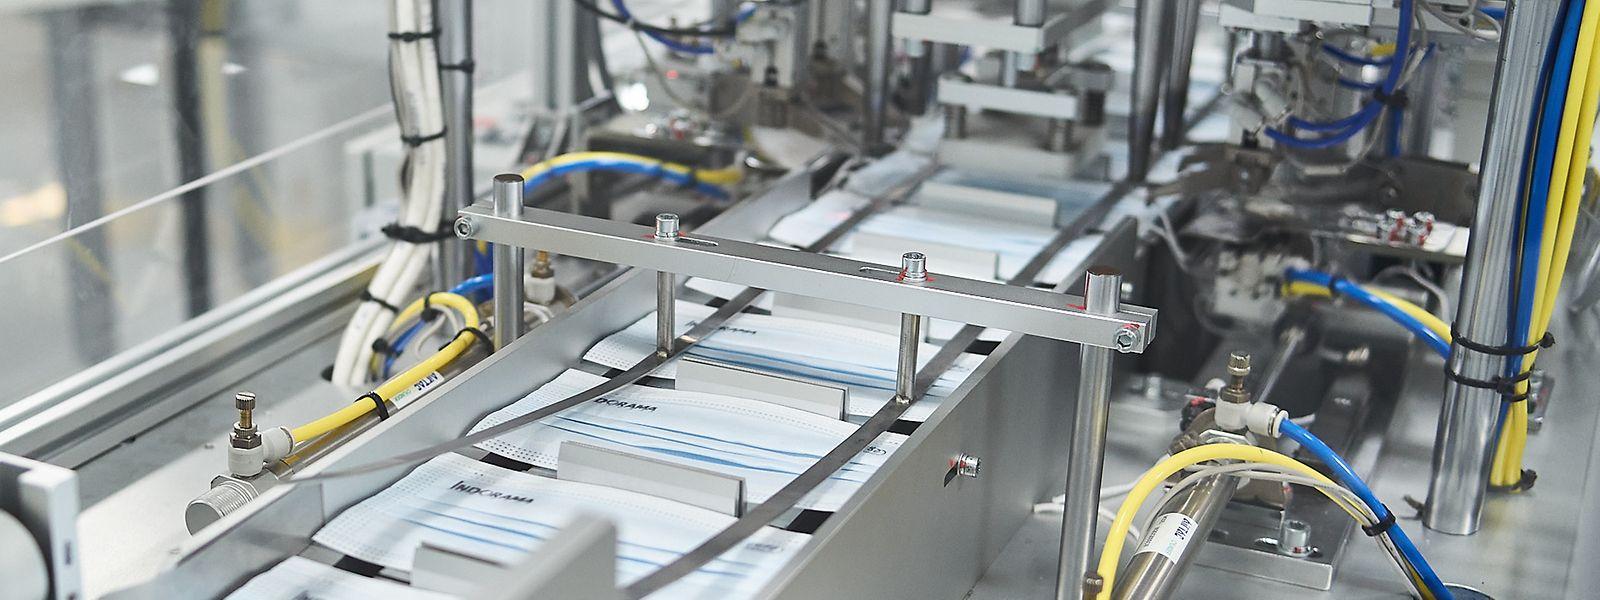 Die neue Produktionslinie wurde in Steinfort aufgebaut, ist am Standort der Firma von den anderen Aktivitäten getrennt.